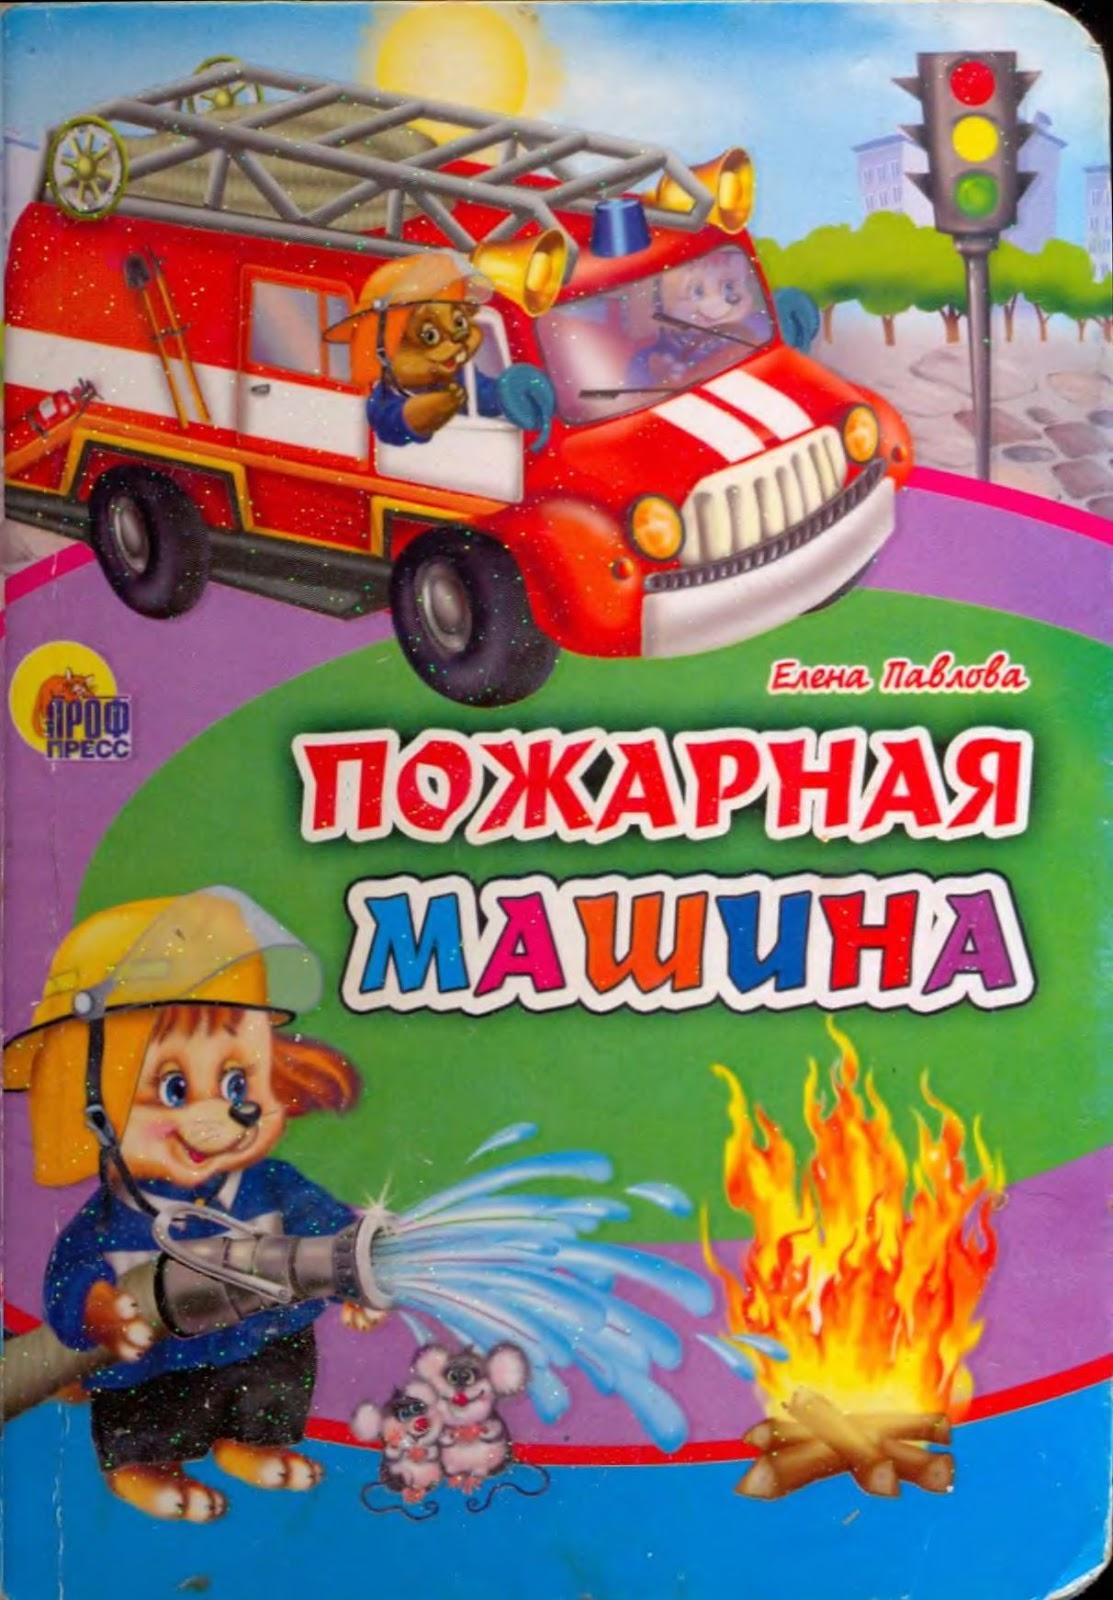 Картинки про пожарных и пожарную безопасность